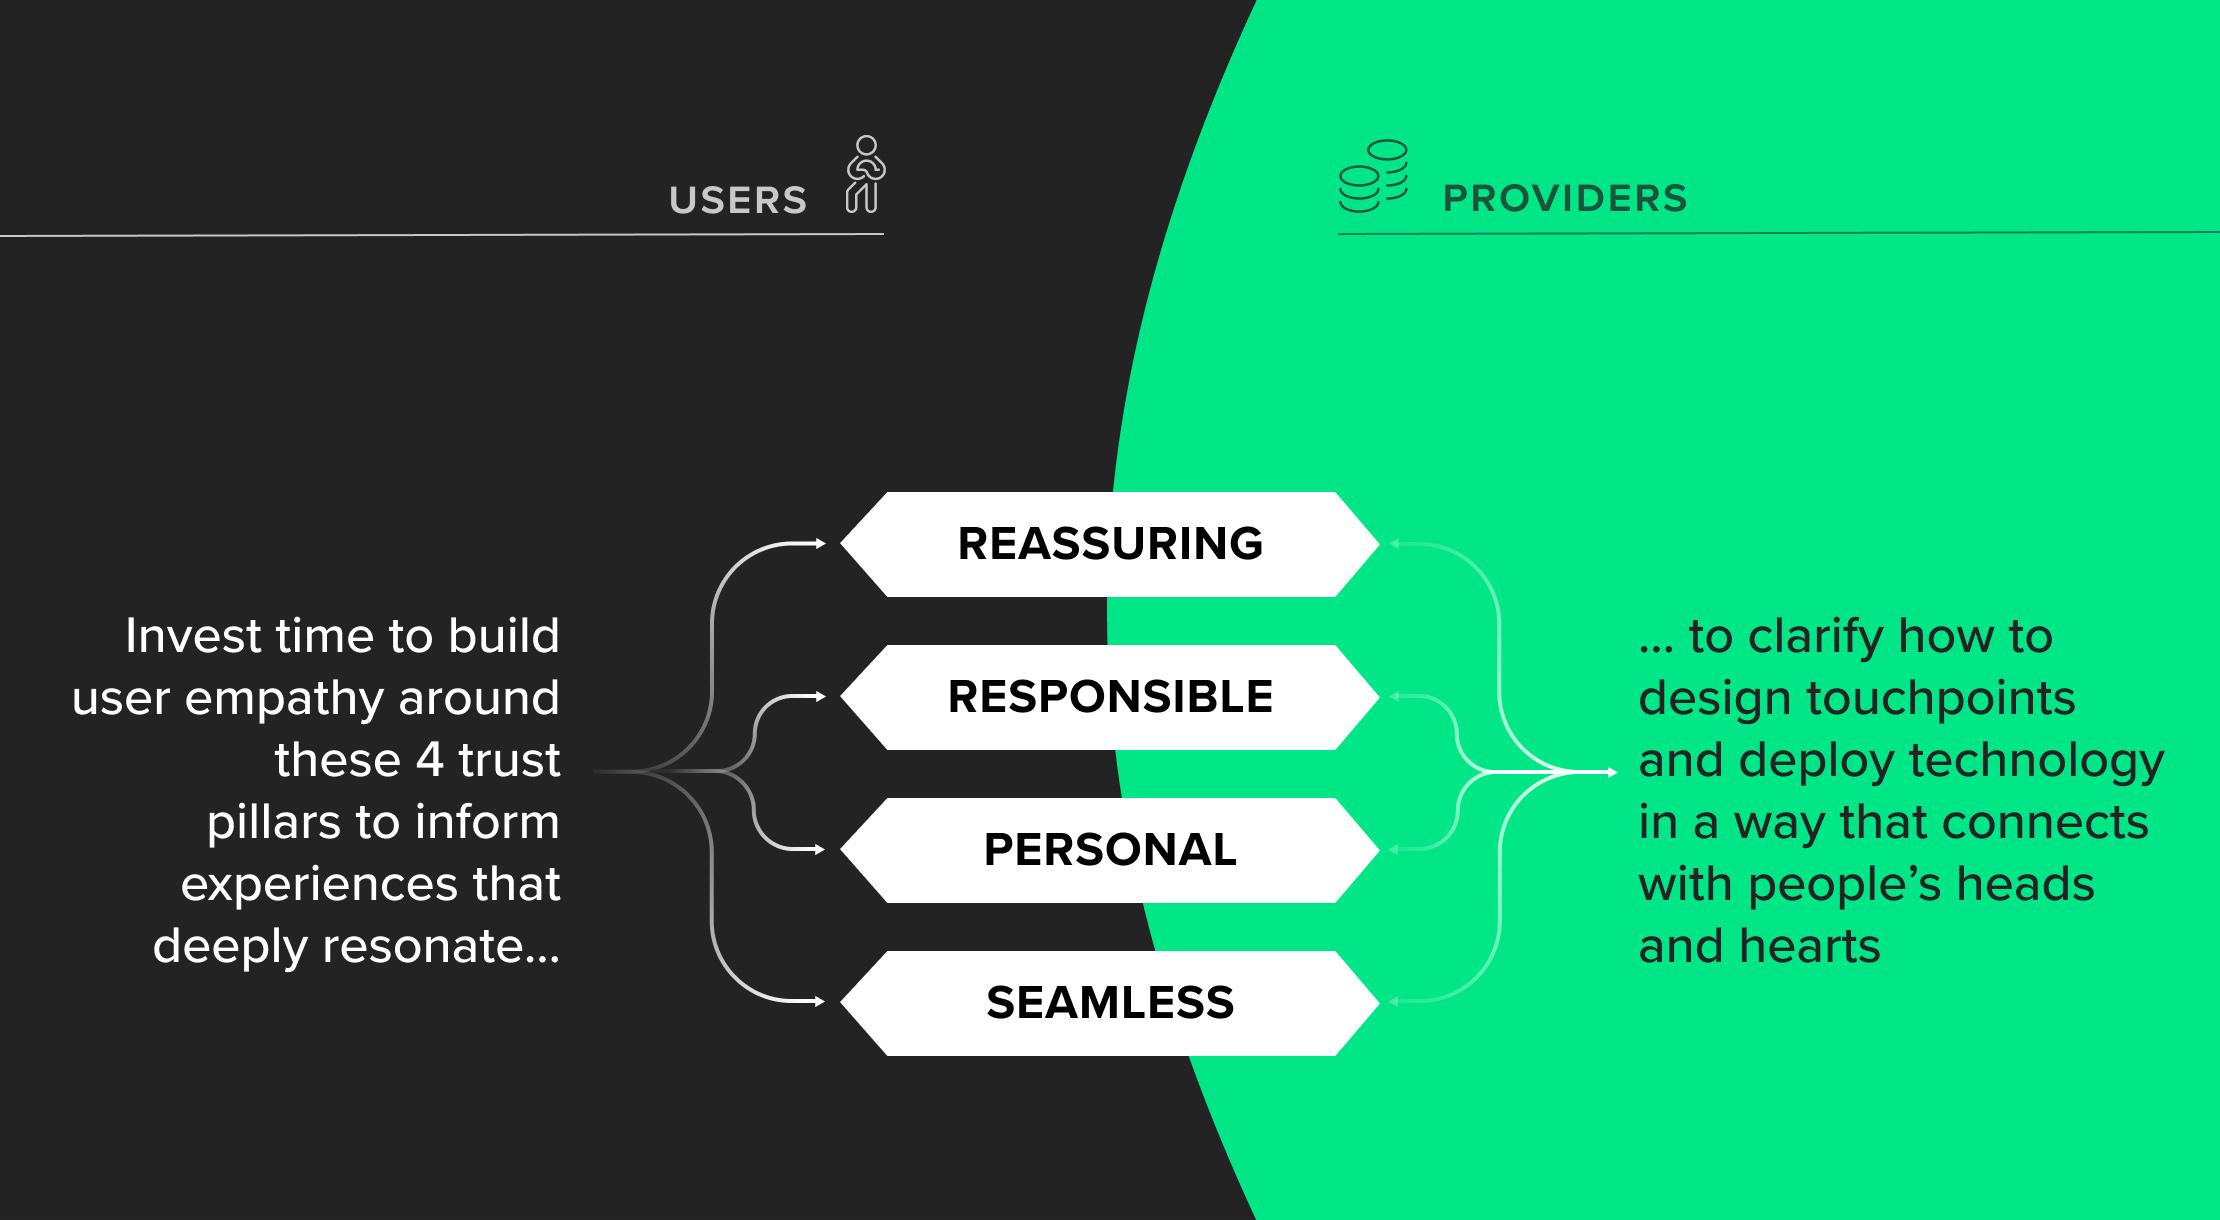 4 FinTech trust pillars